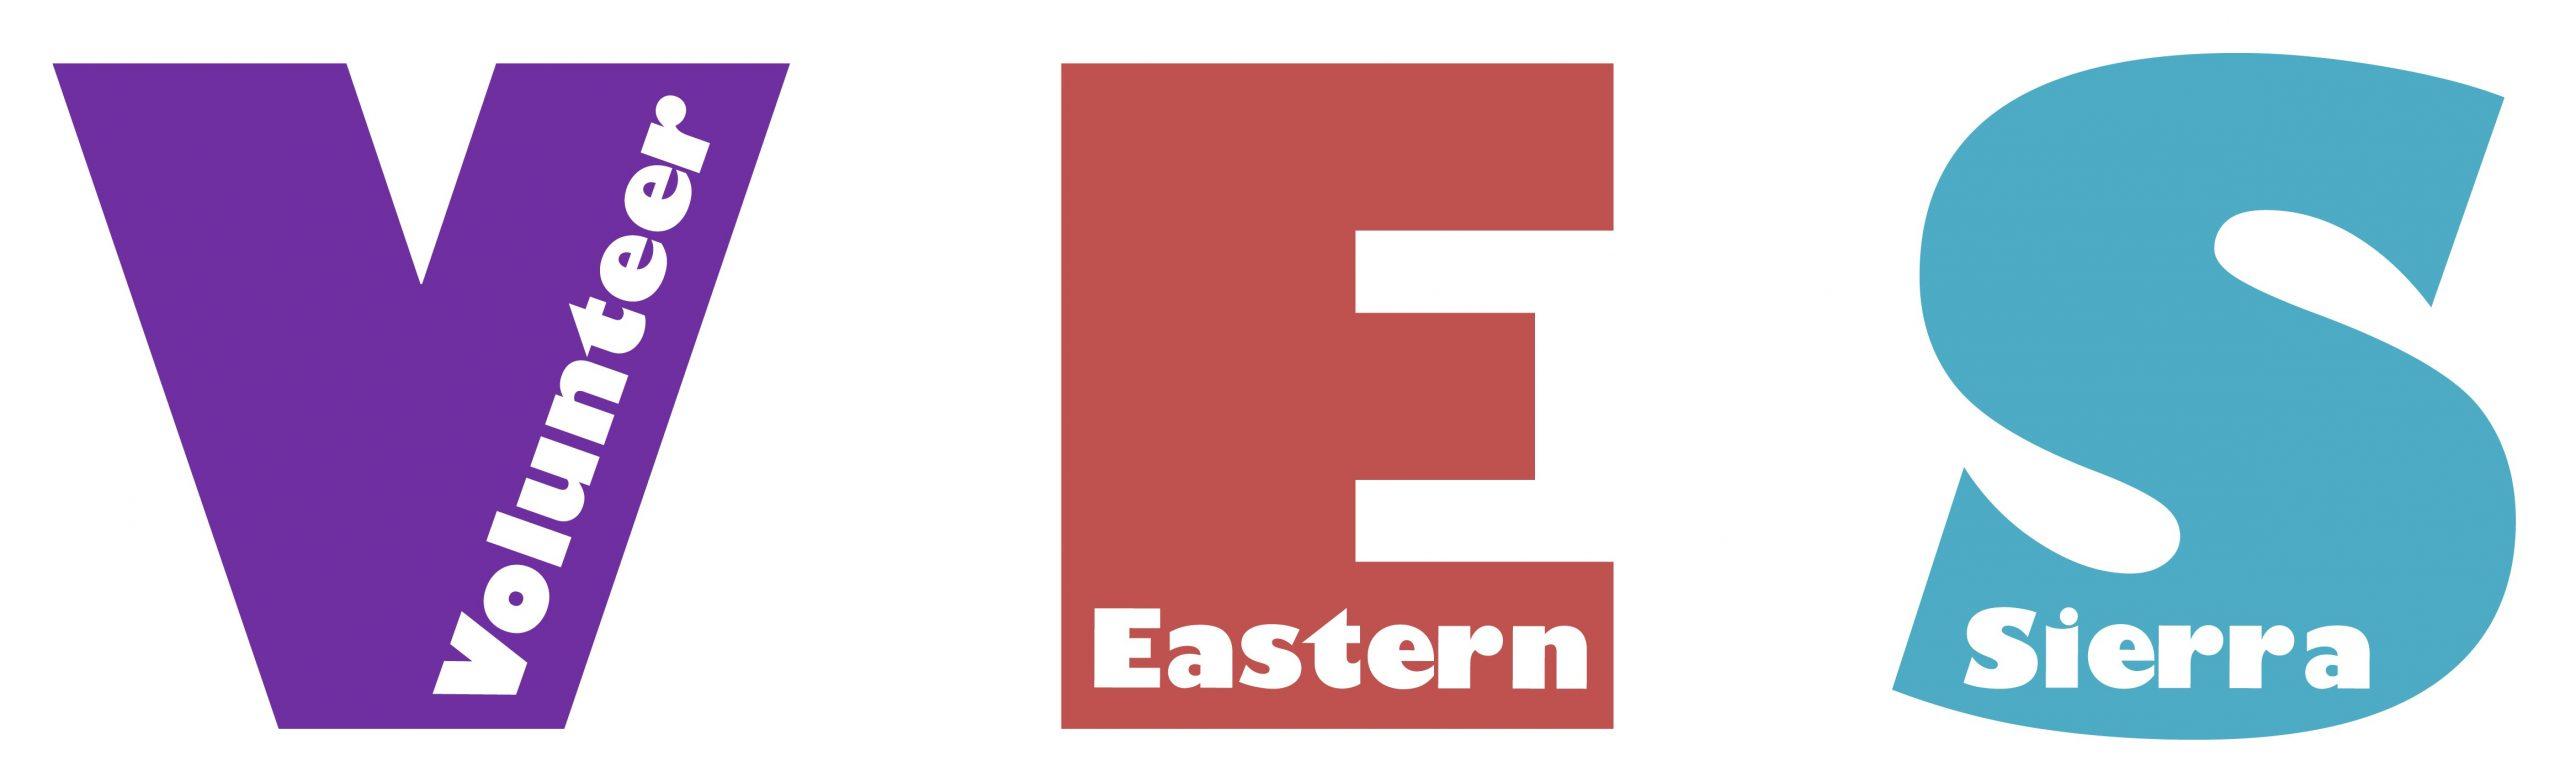 Volunteer Eastern Sierra